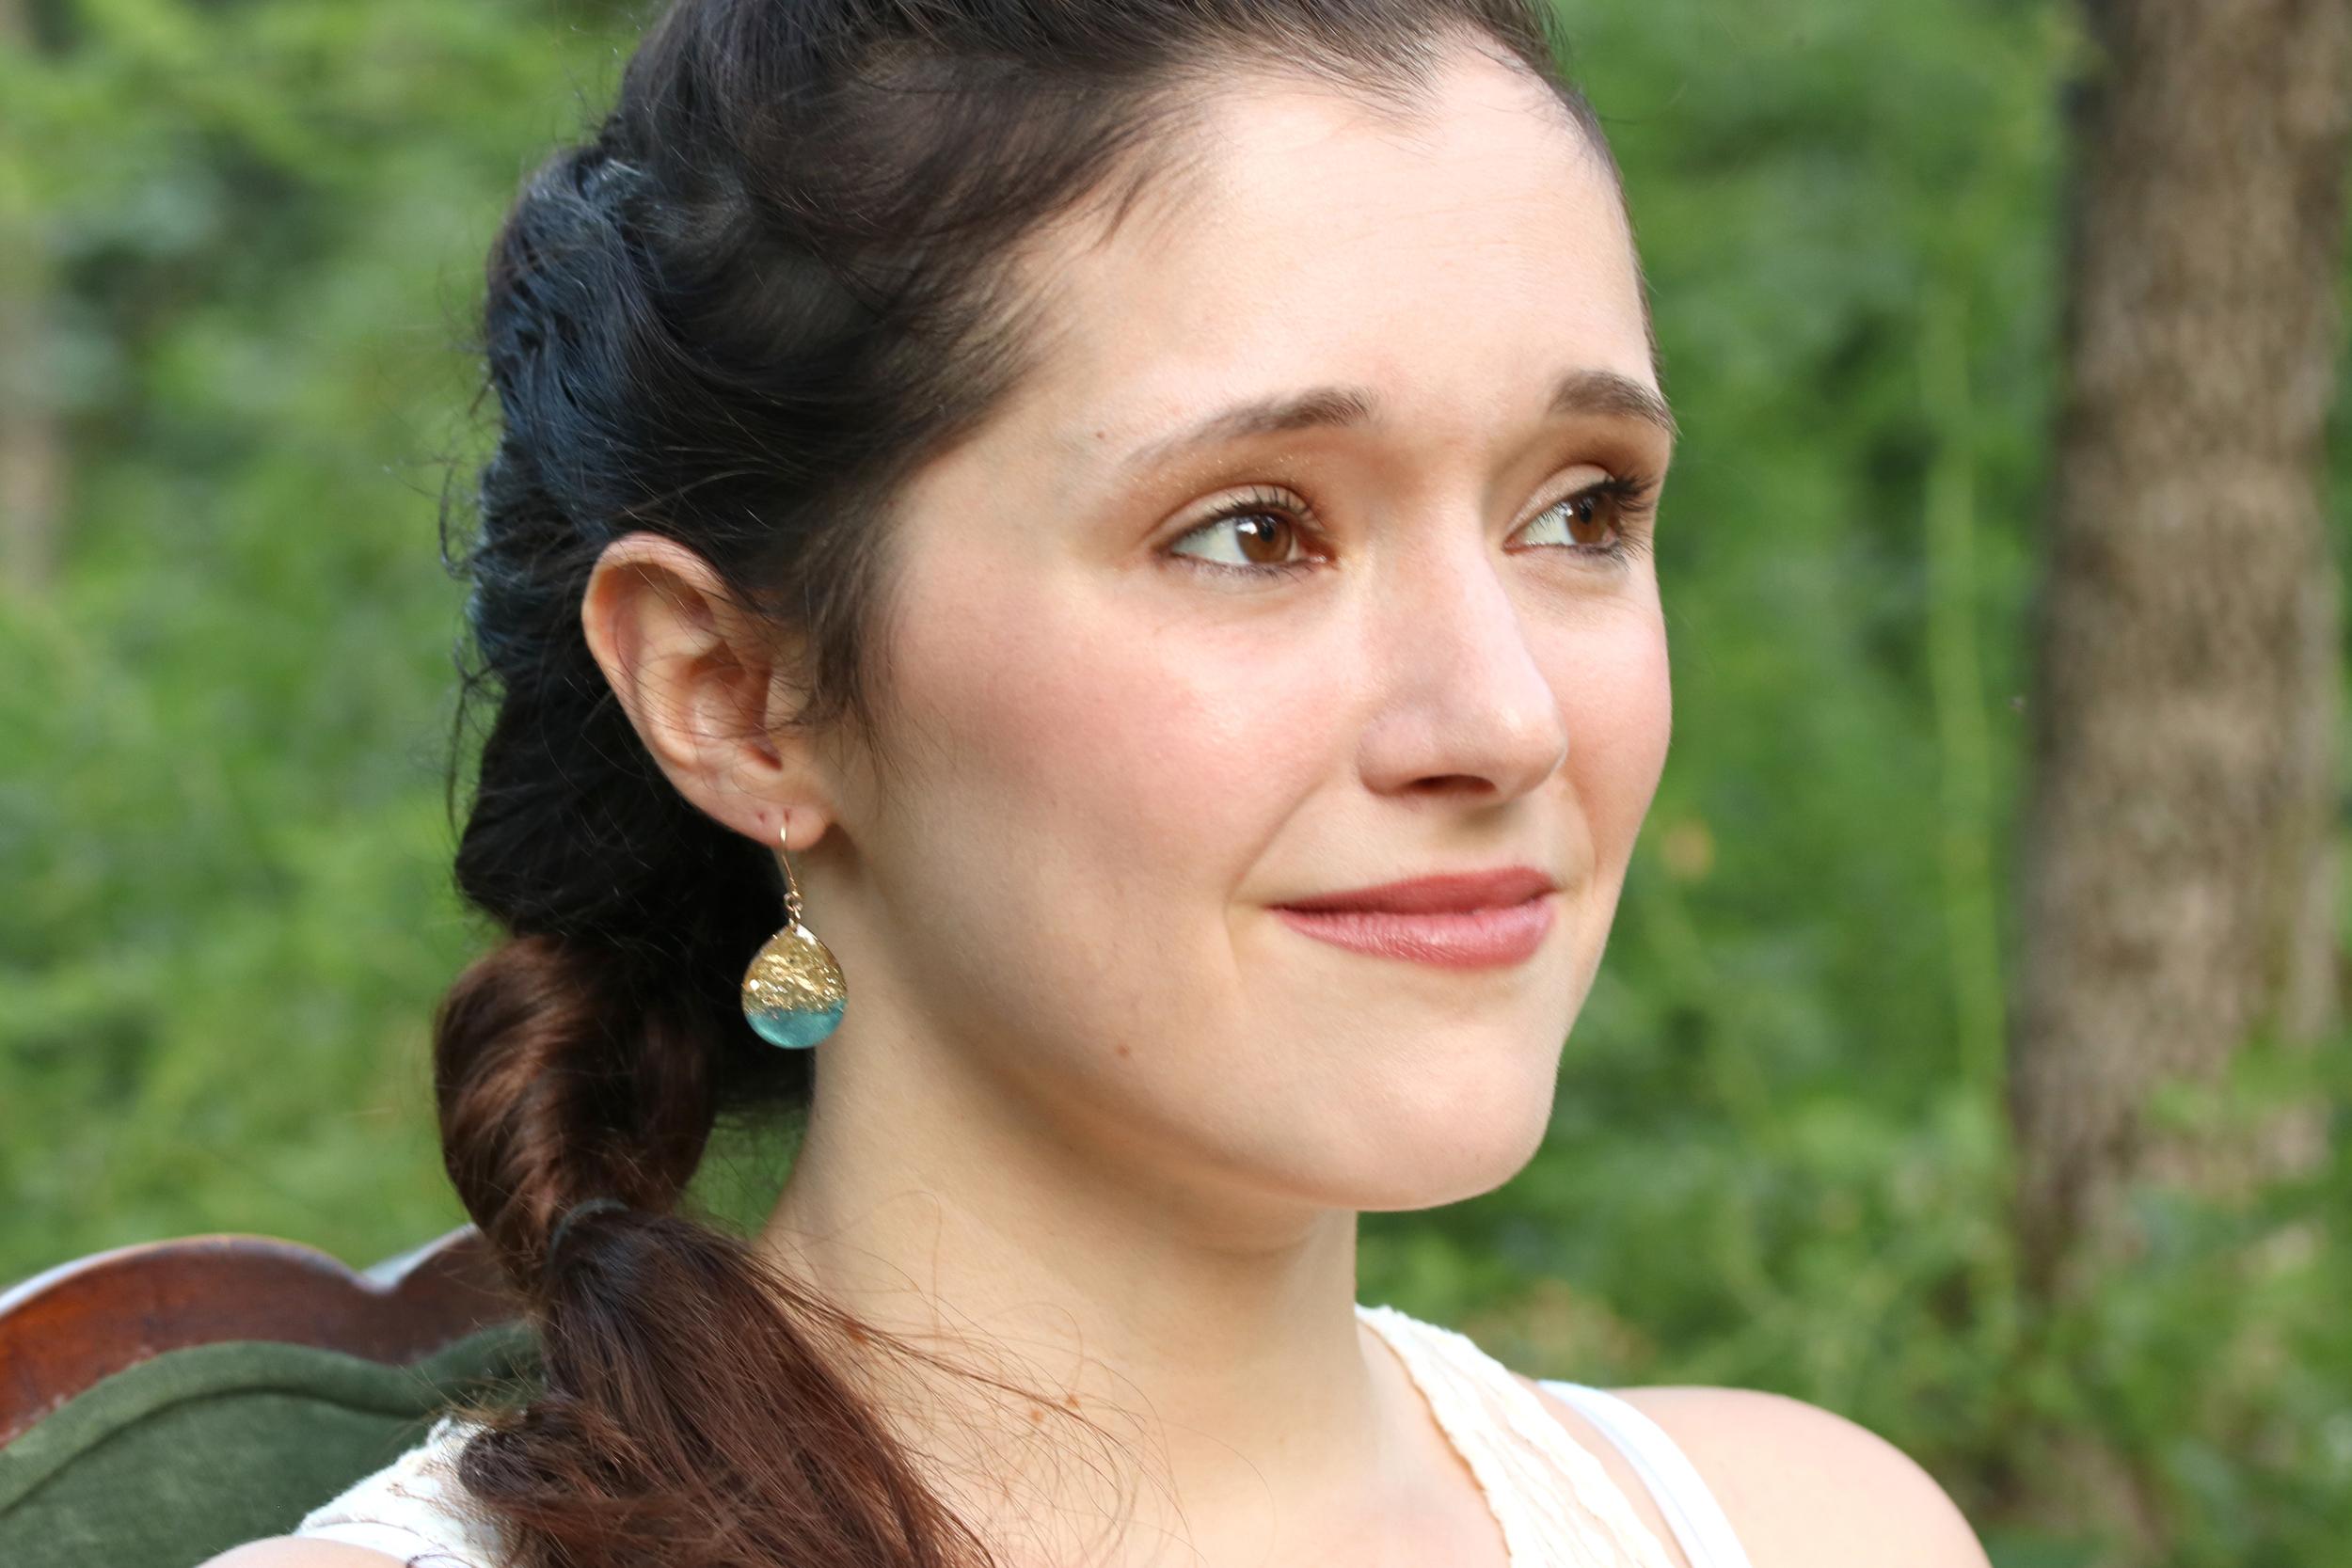 large size teardrop earrings